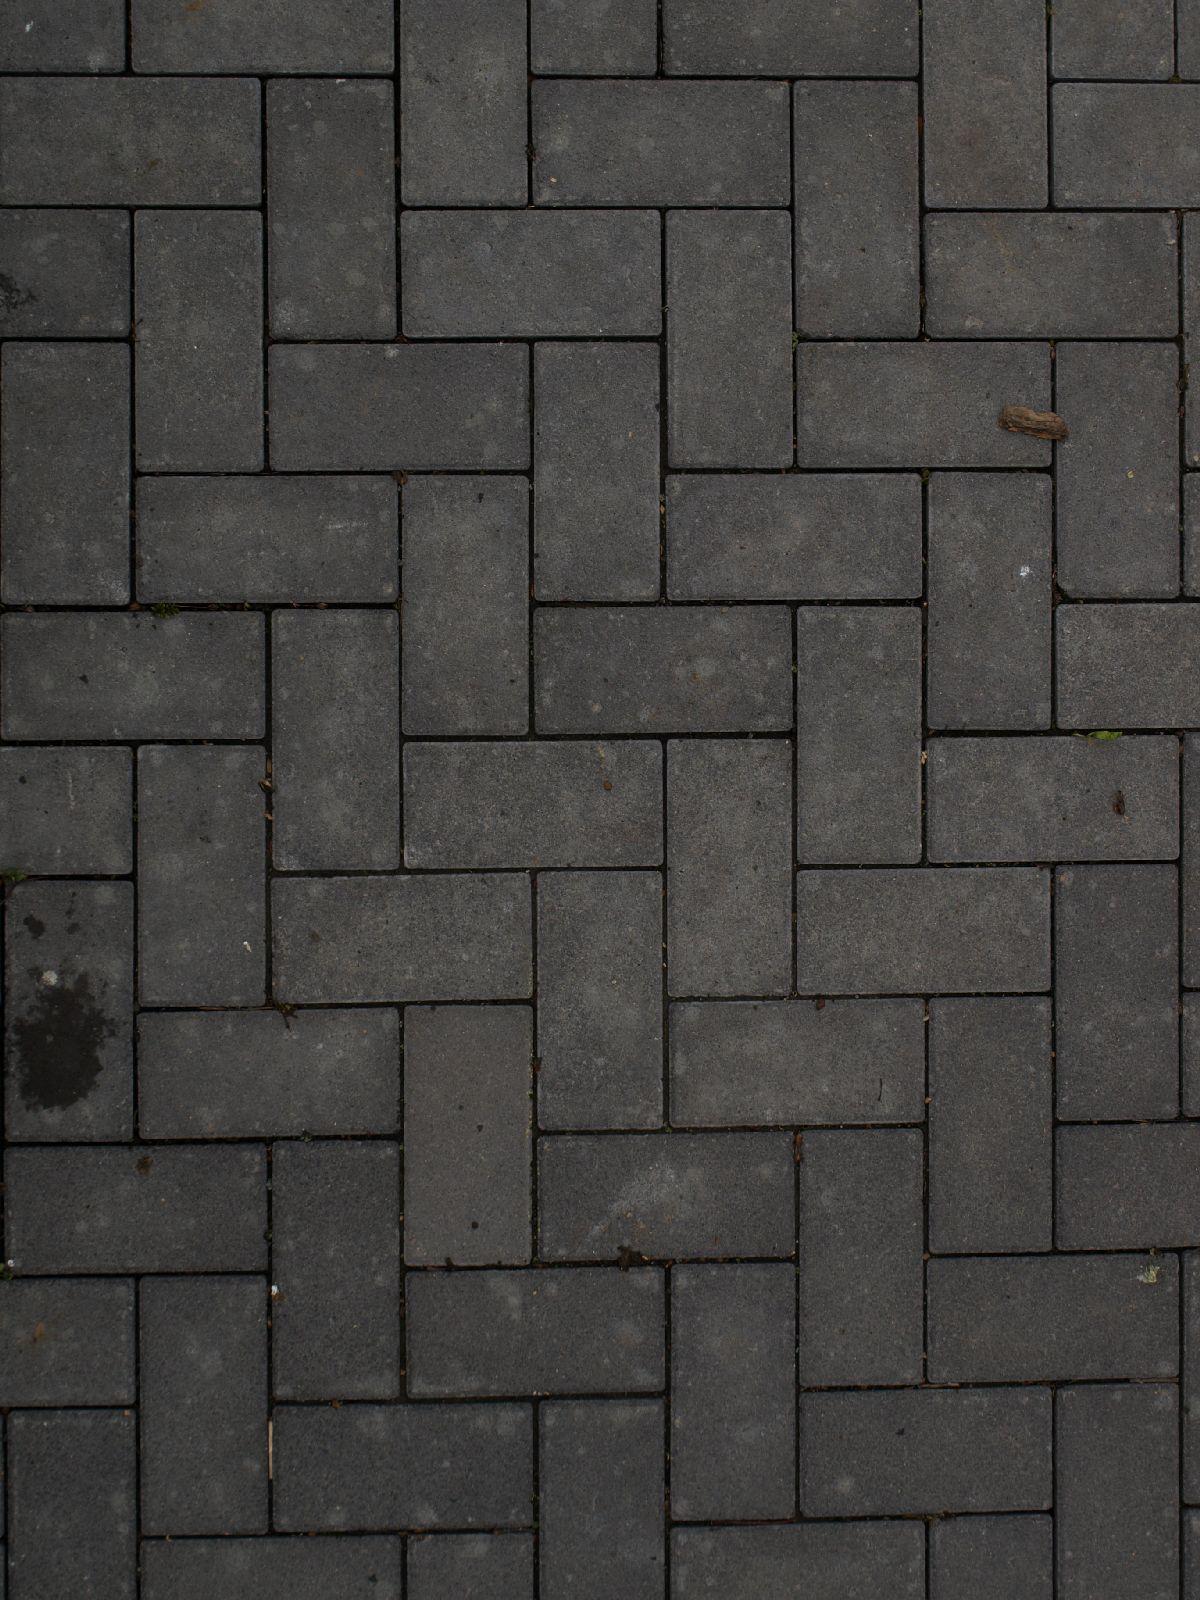 Boden-Gehweg-Strasse-Buergersteig-Textur_A_P4131209